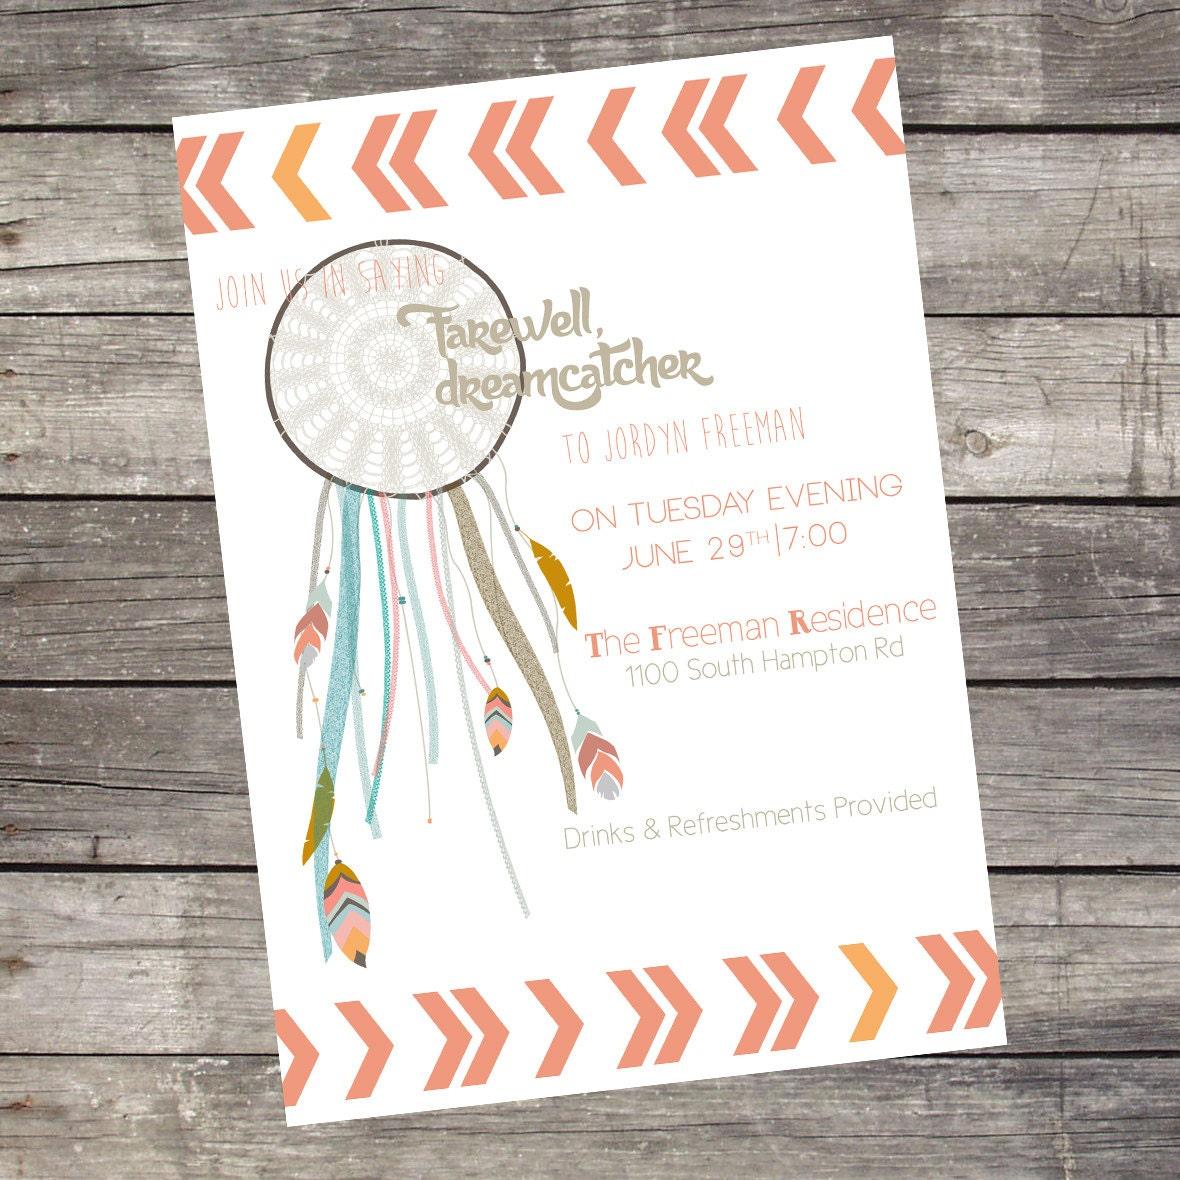 Farewell Party Invite was great invitations design